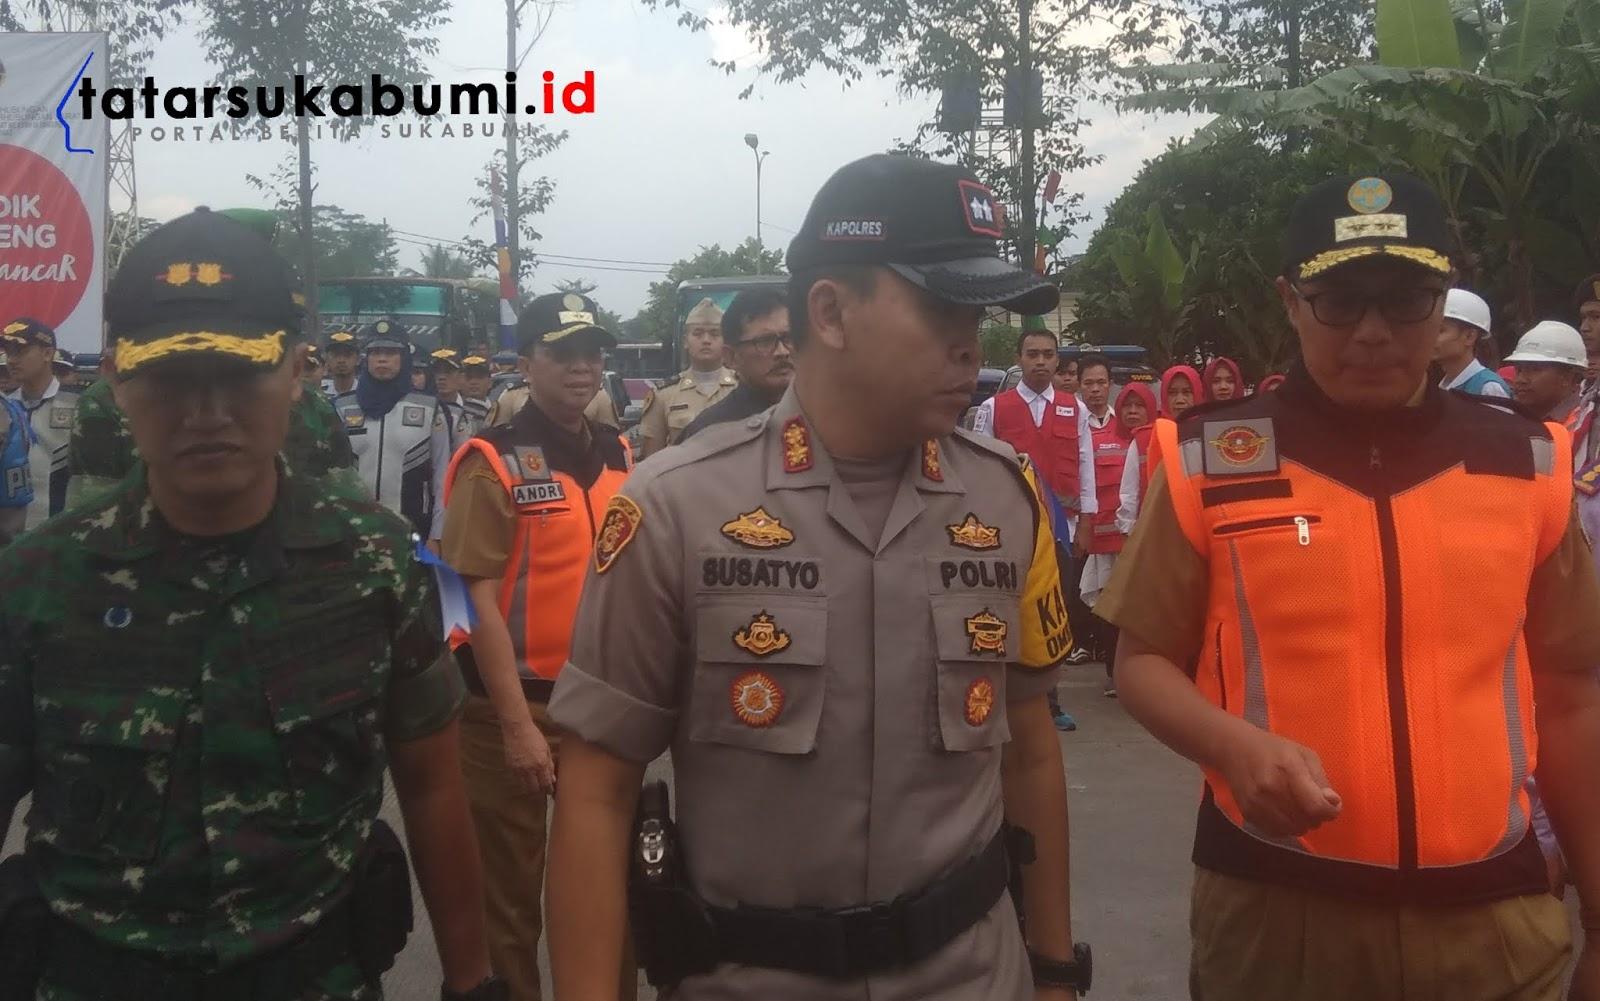 Sidang Perselisihan Pemilu 2019 di MK, Fahmi Minta Warga Sukabumi Tidak ke Jakarta